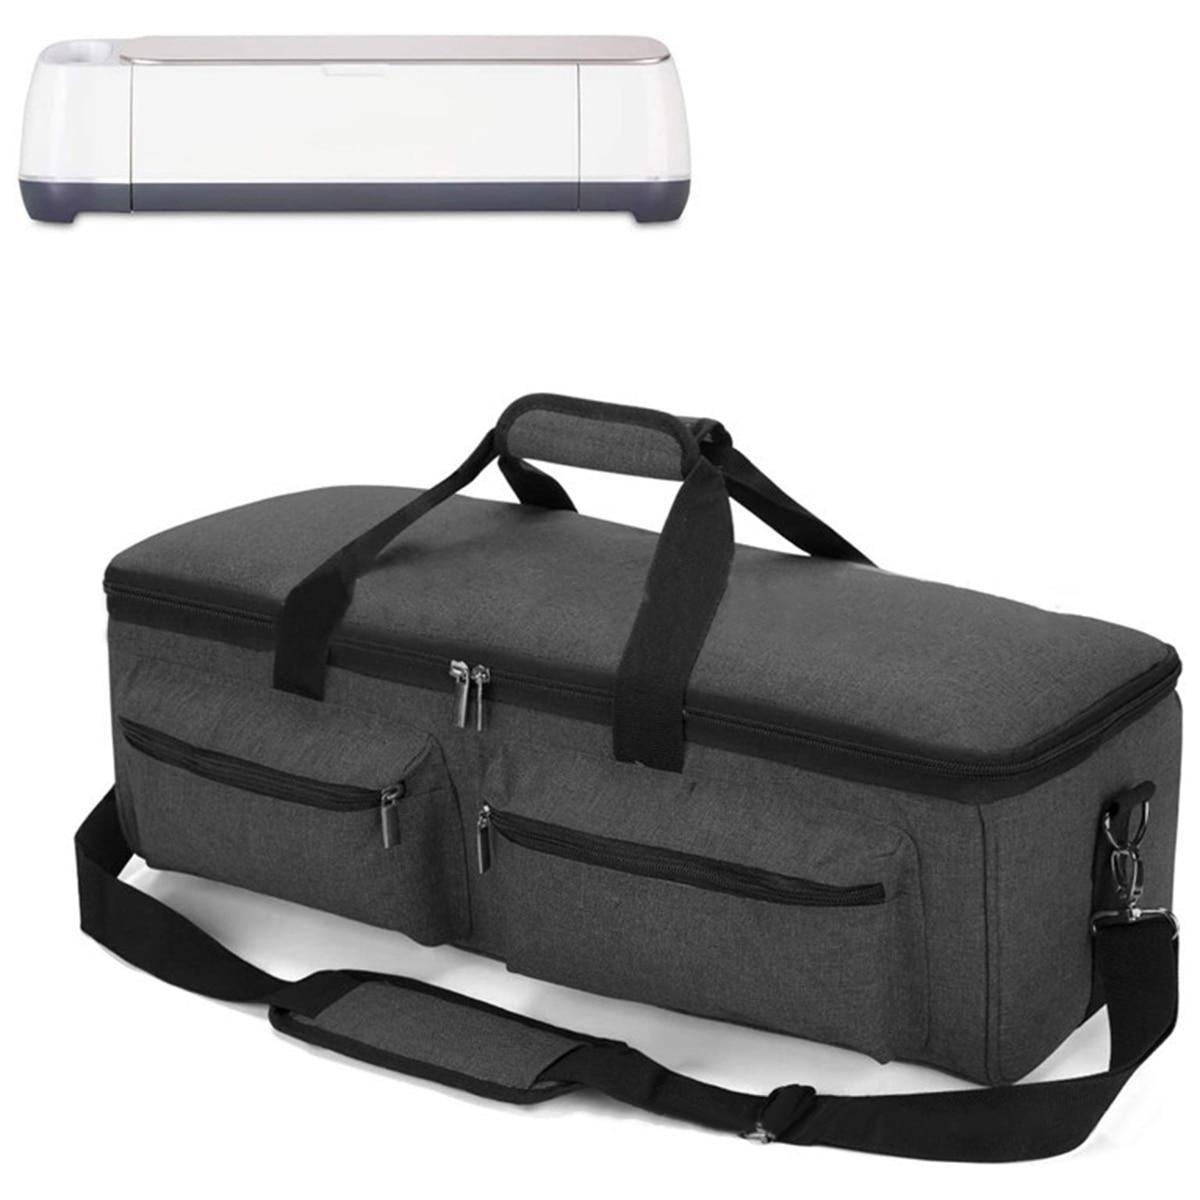 حمل حقيبة حمل حقيبة حقيبة التخزين لآلة قطع يموت ماكينة خياطة رمادي أرجواني وردي